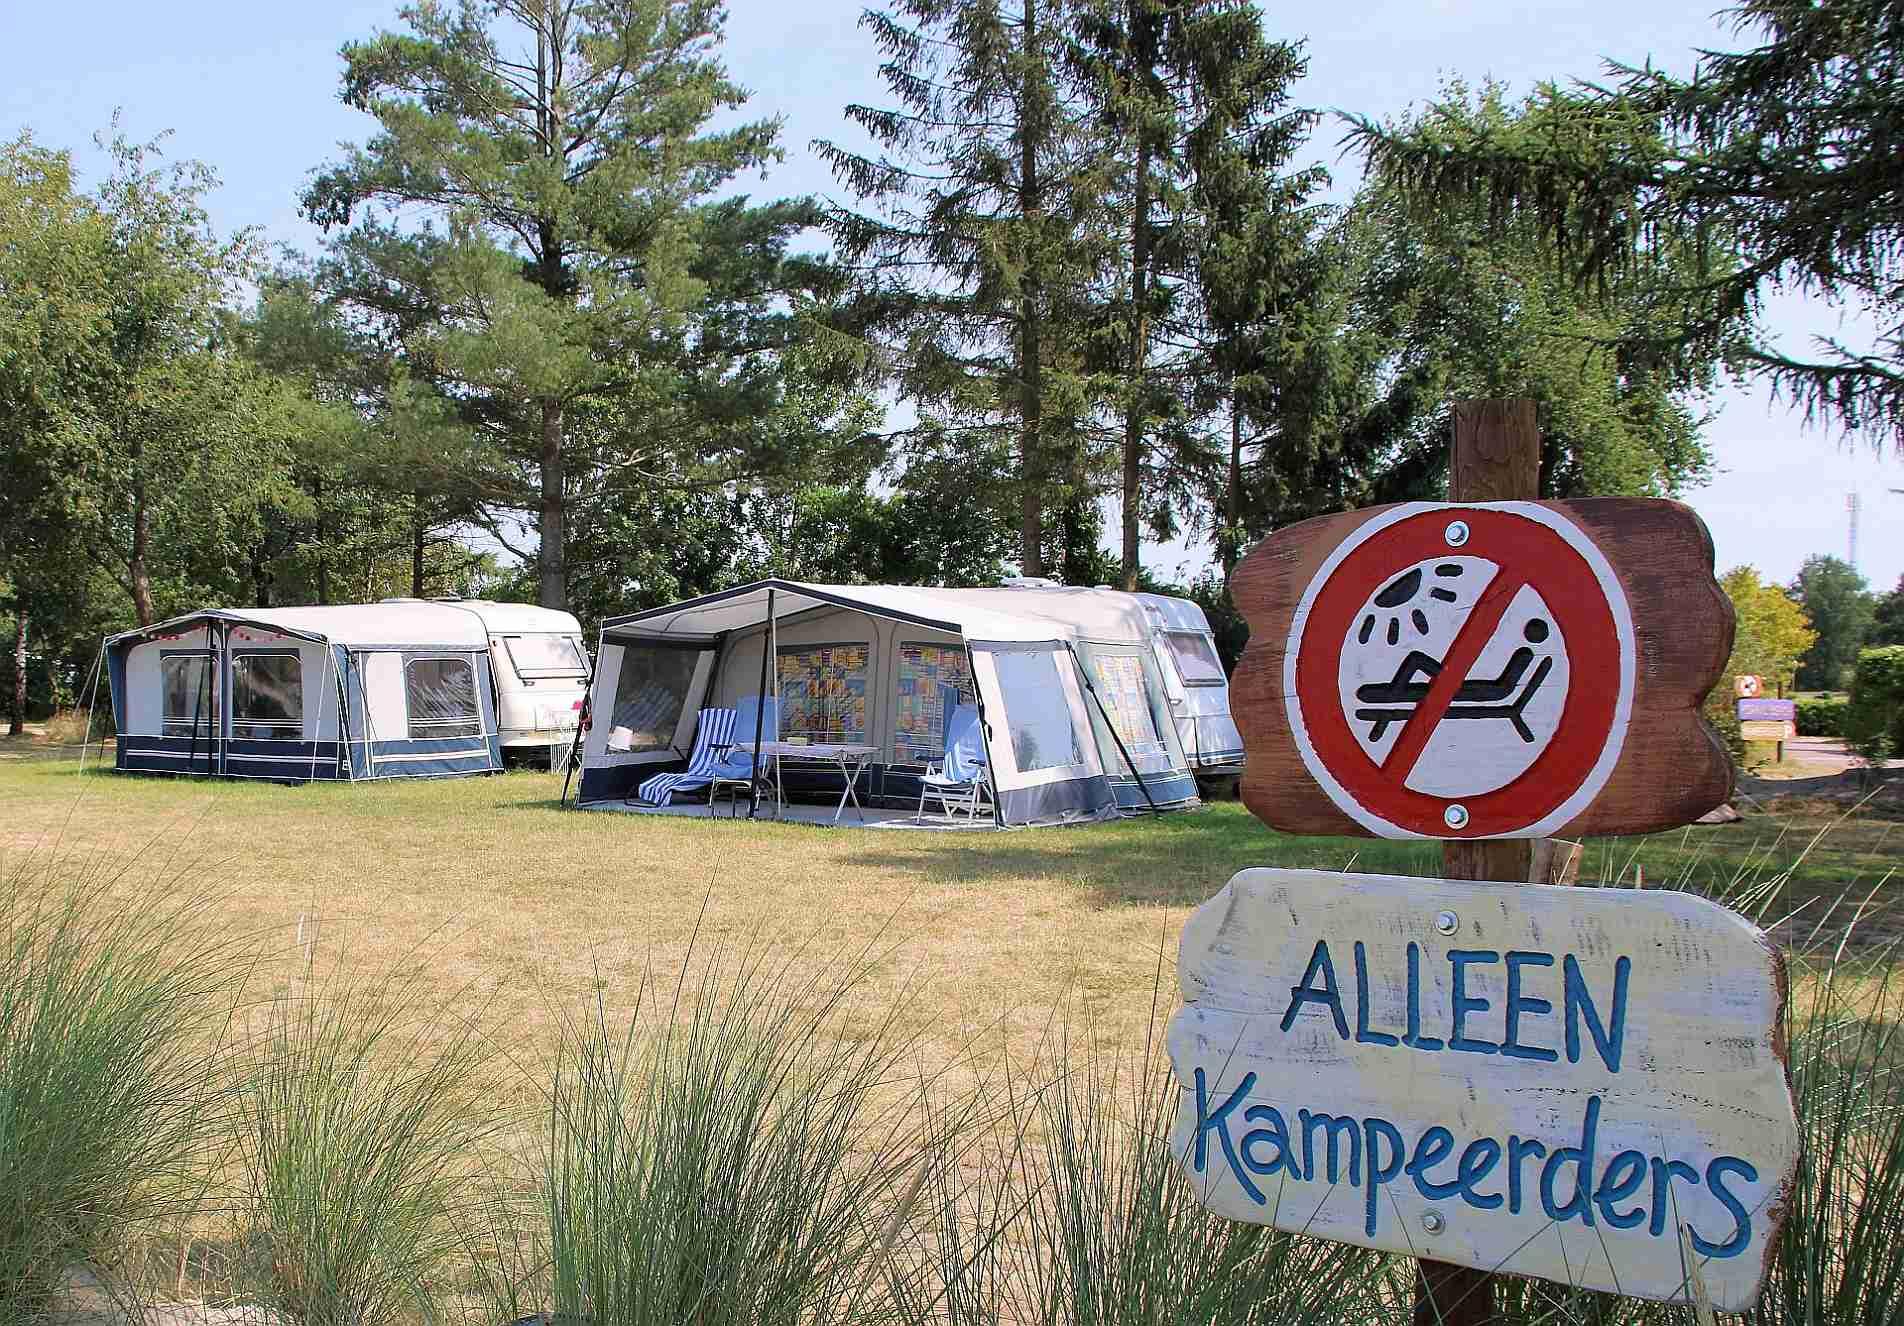 Comfortcamping met zwembad in Overijssel met 5 sterren - comfort camping met mooi zwembad